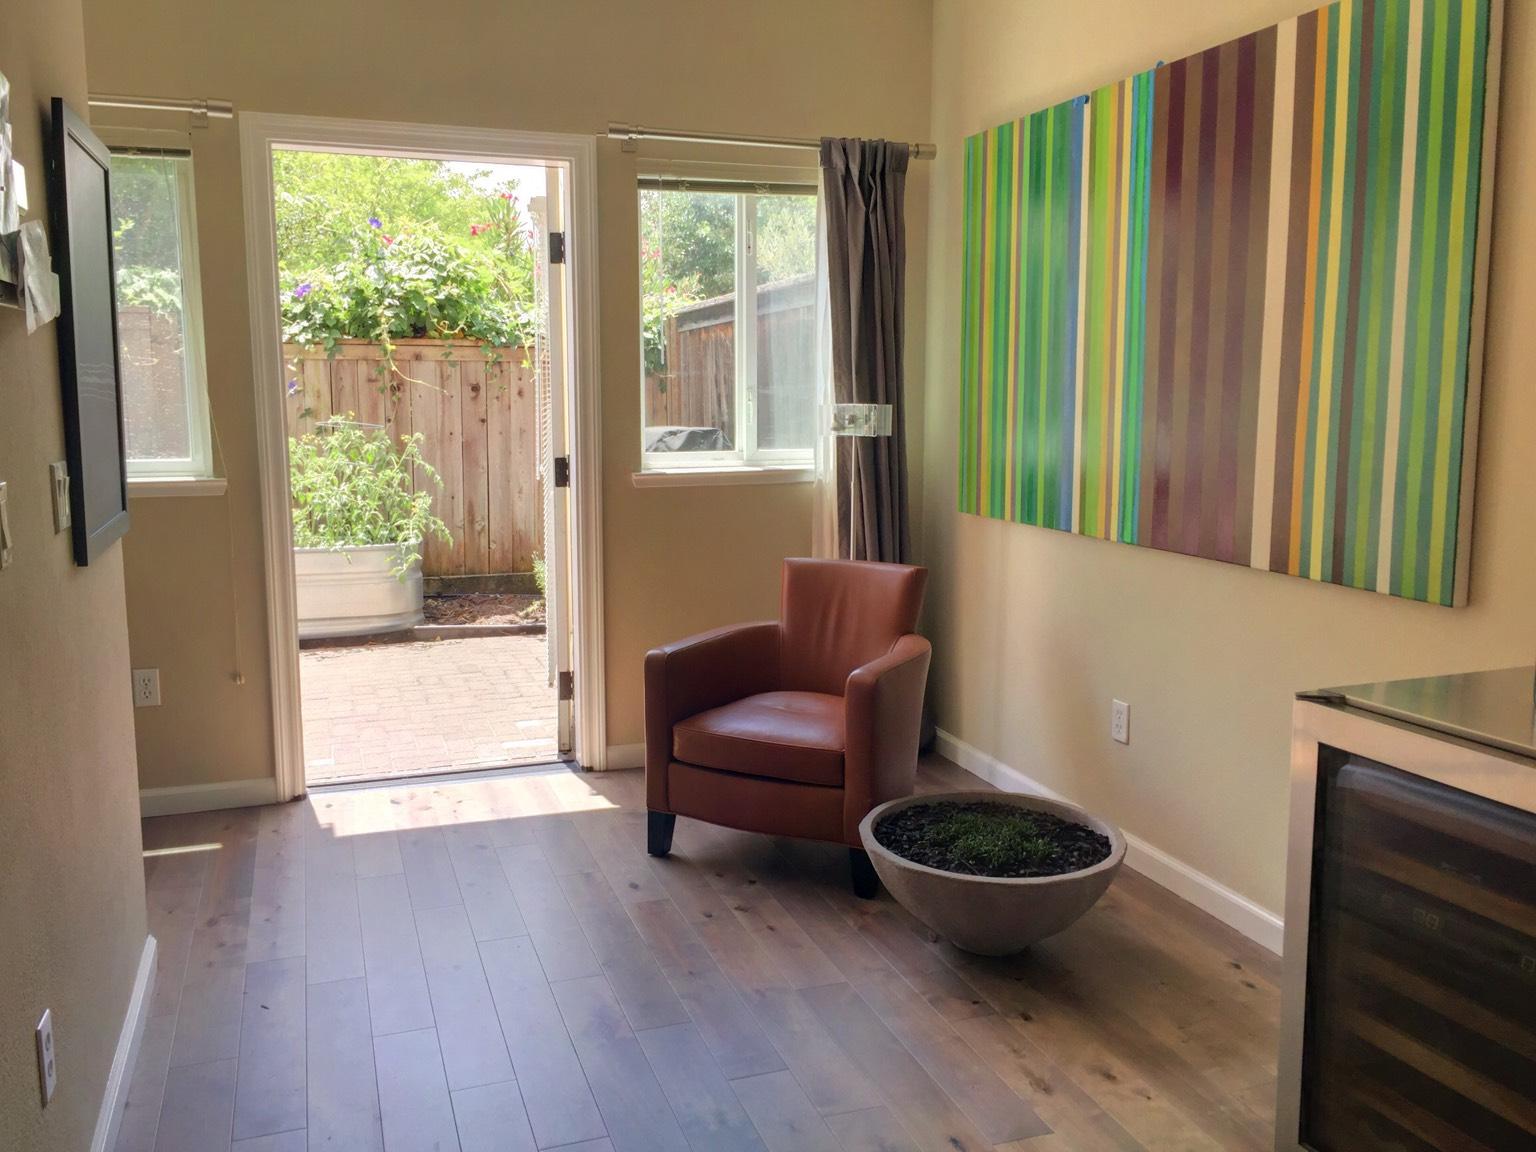 Sunny, cozy corner near entrance to private patio.